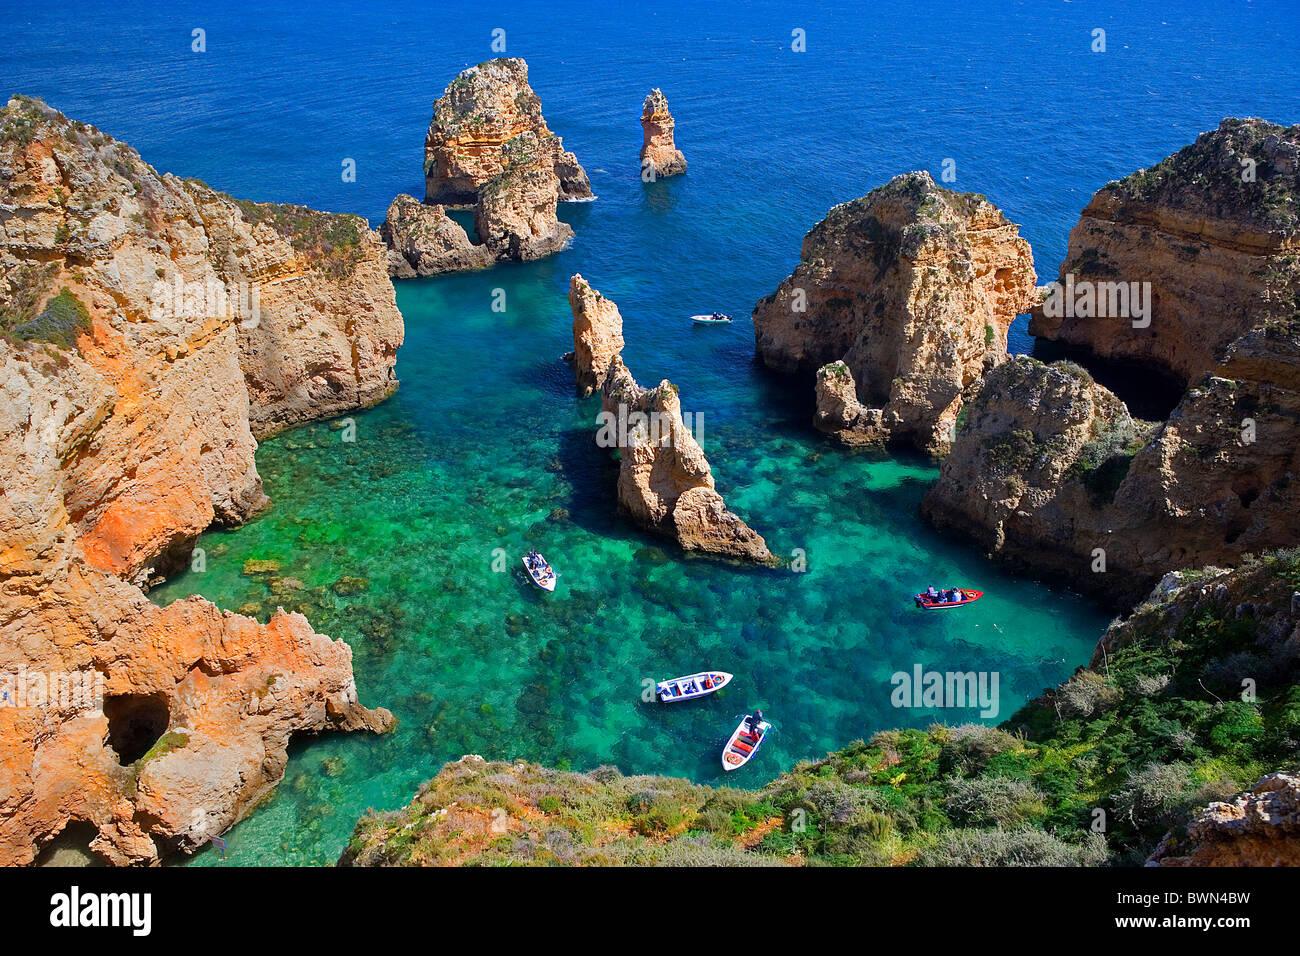 Algarve in Portugal Europa Europa Landschaft Meer Ozean steinigen Felsen Wasser Menschen Urlaub Strandurlaub Stockbild